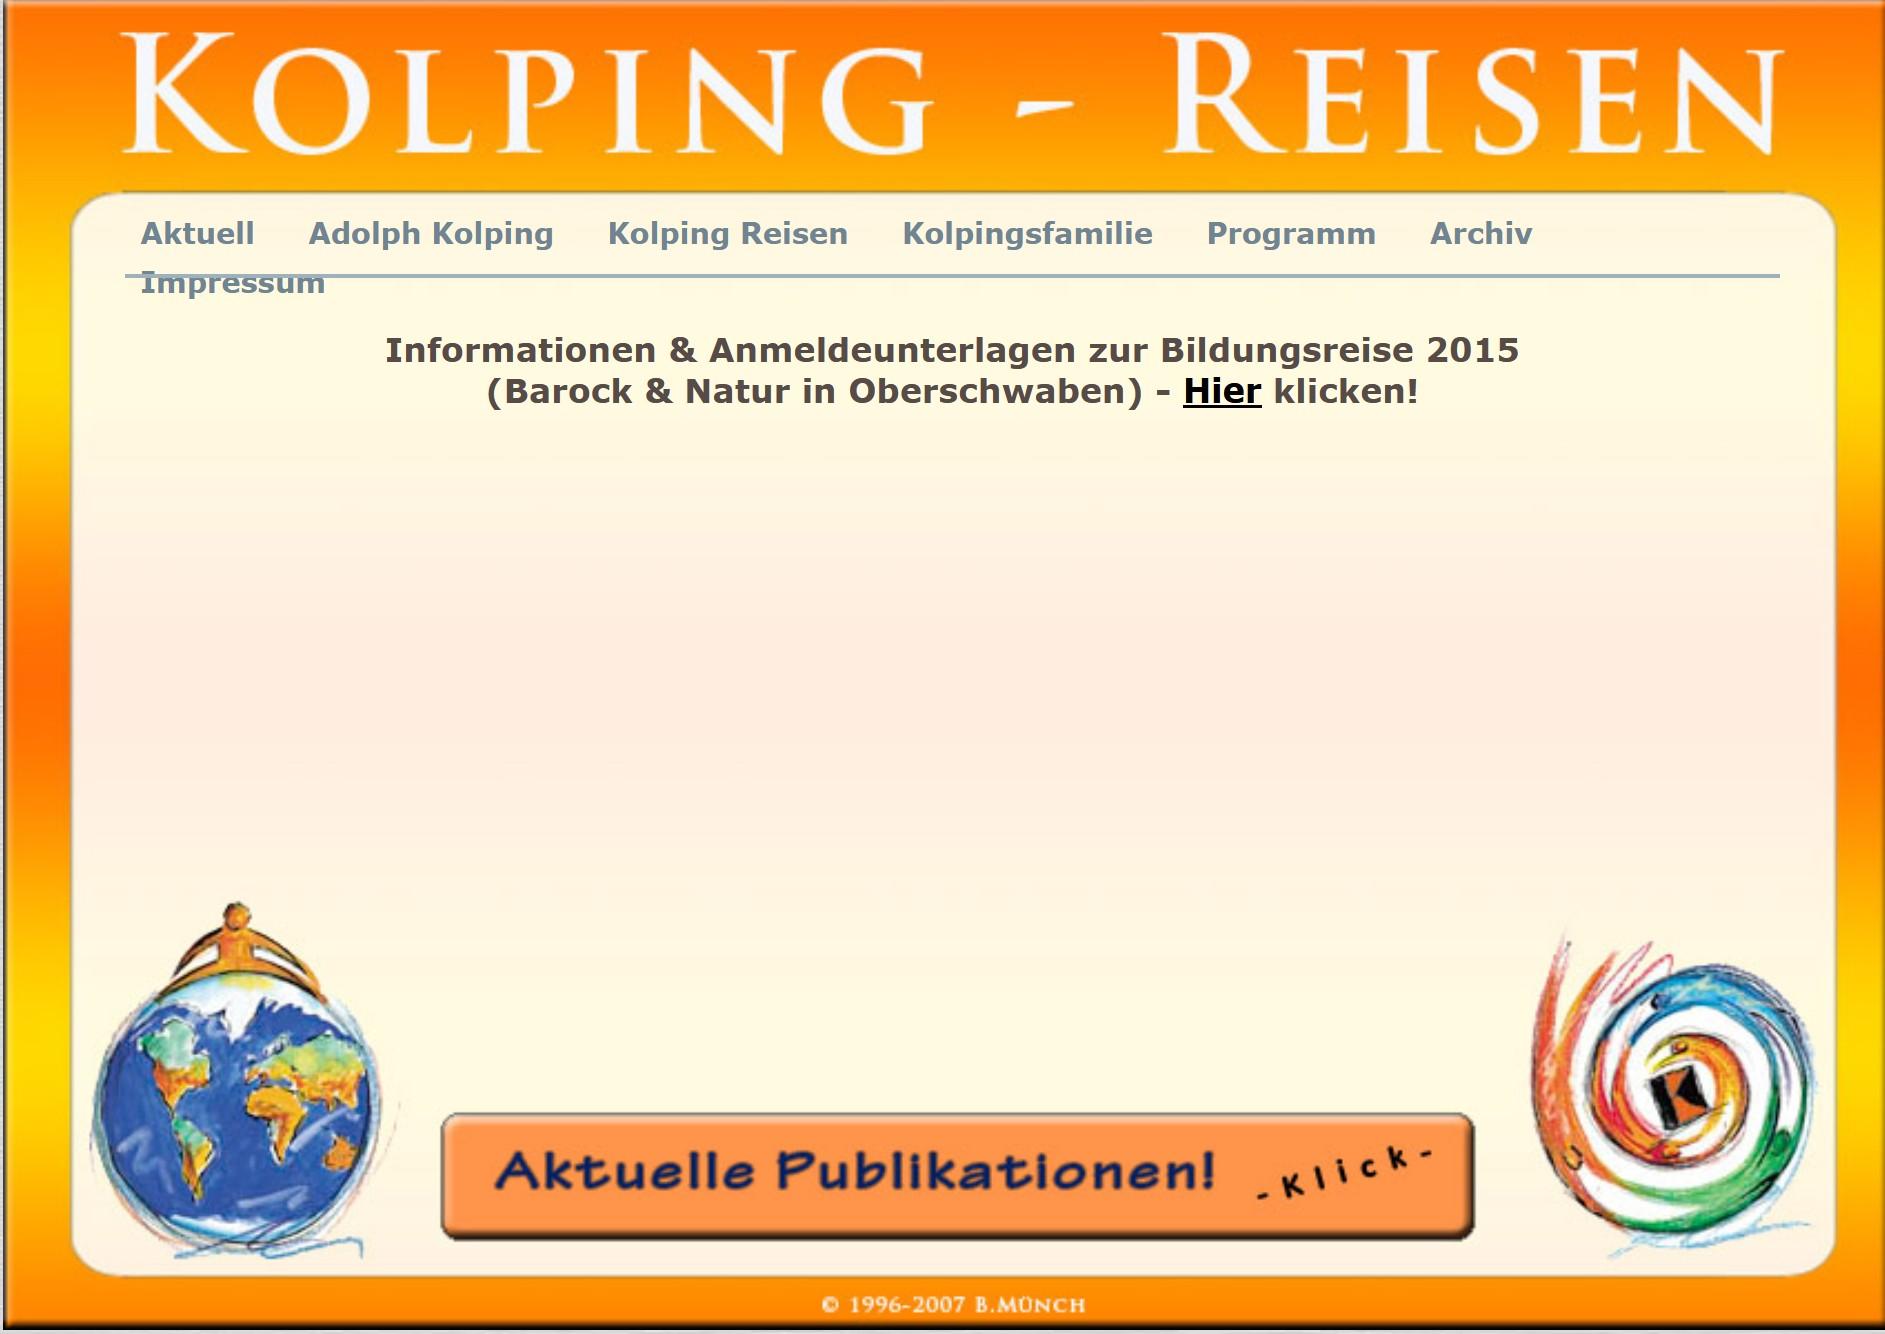 Grafik der früheren Version von www.kolping-reisen.de